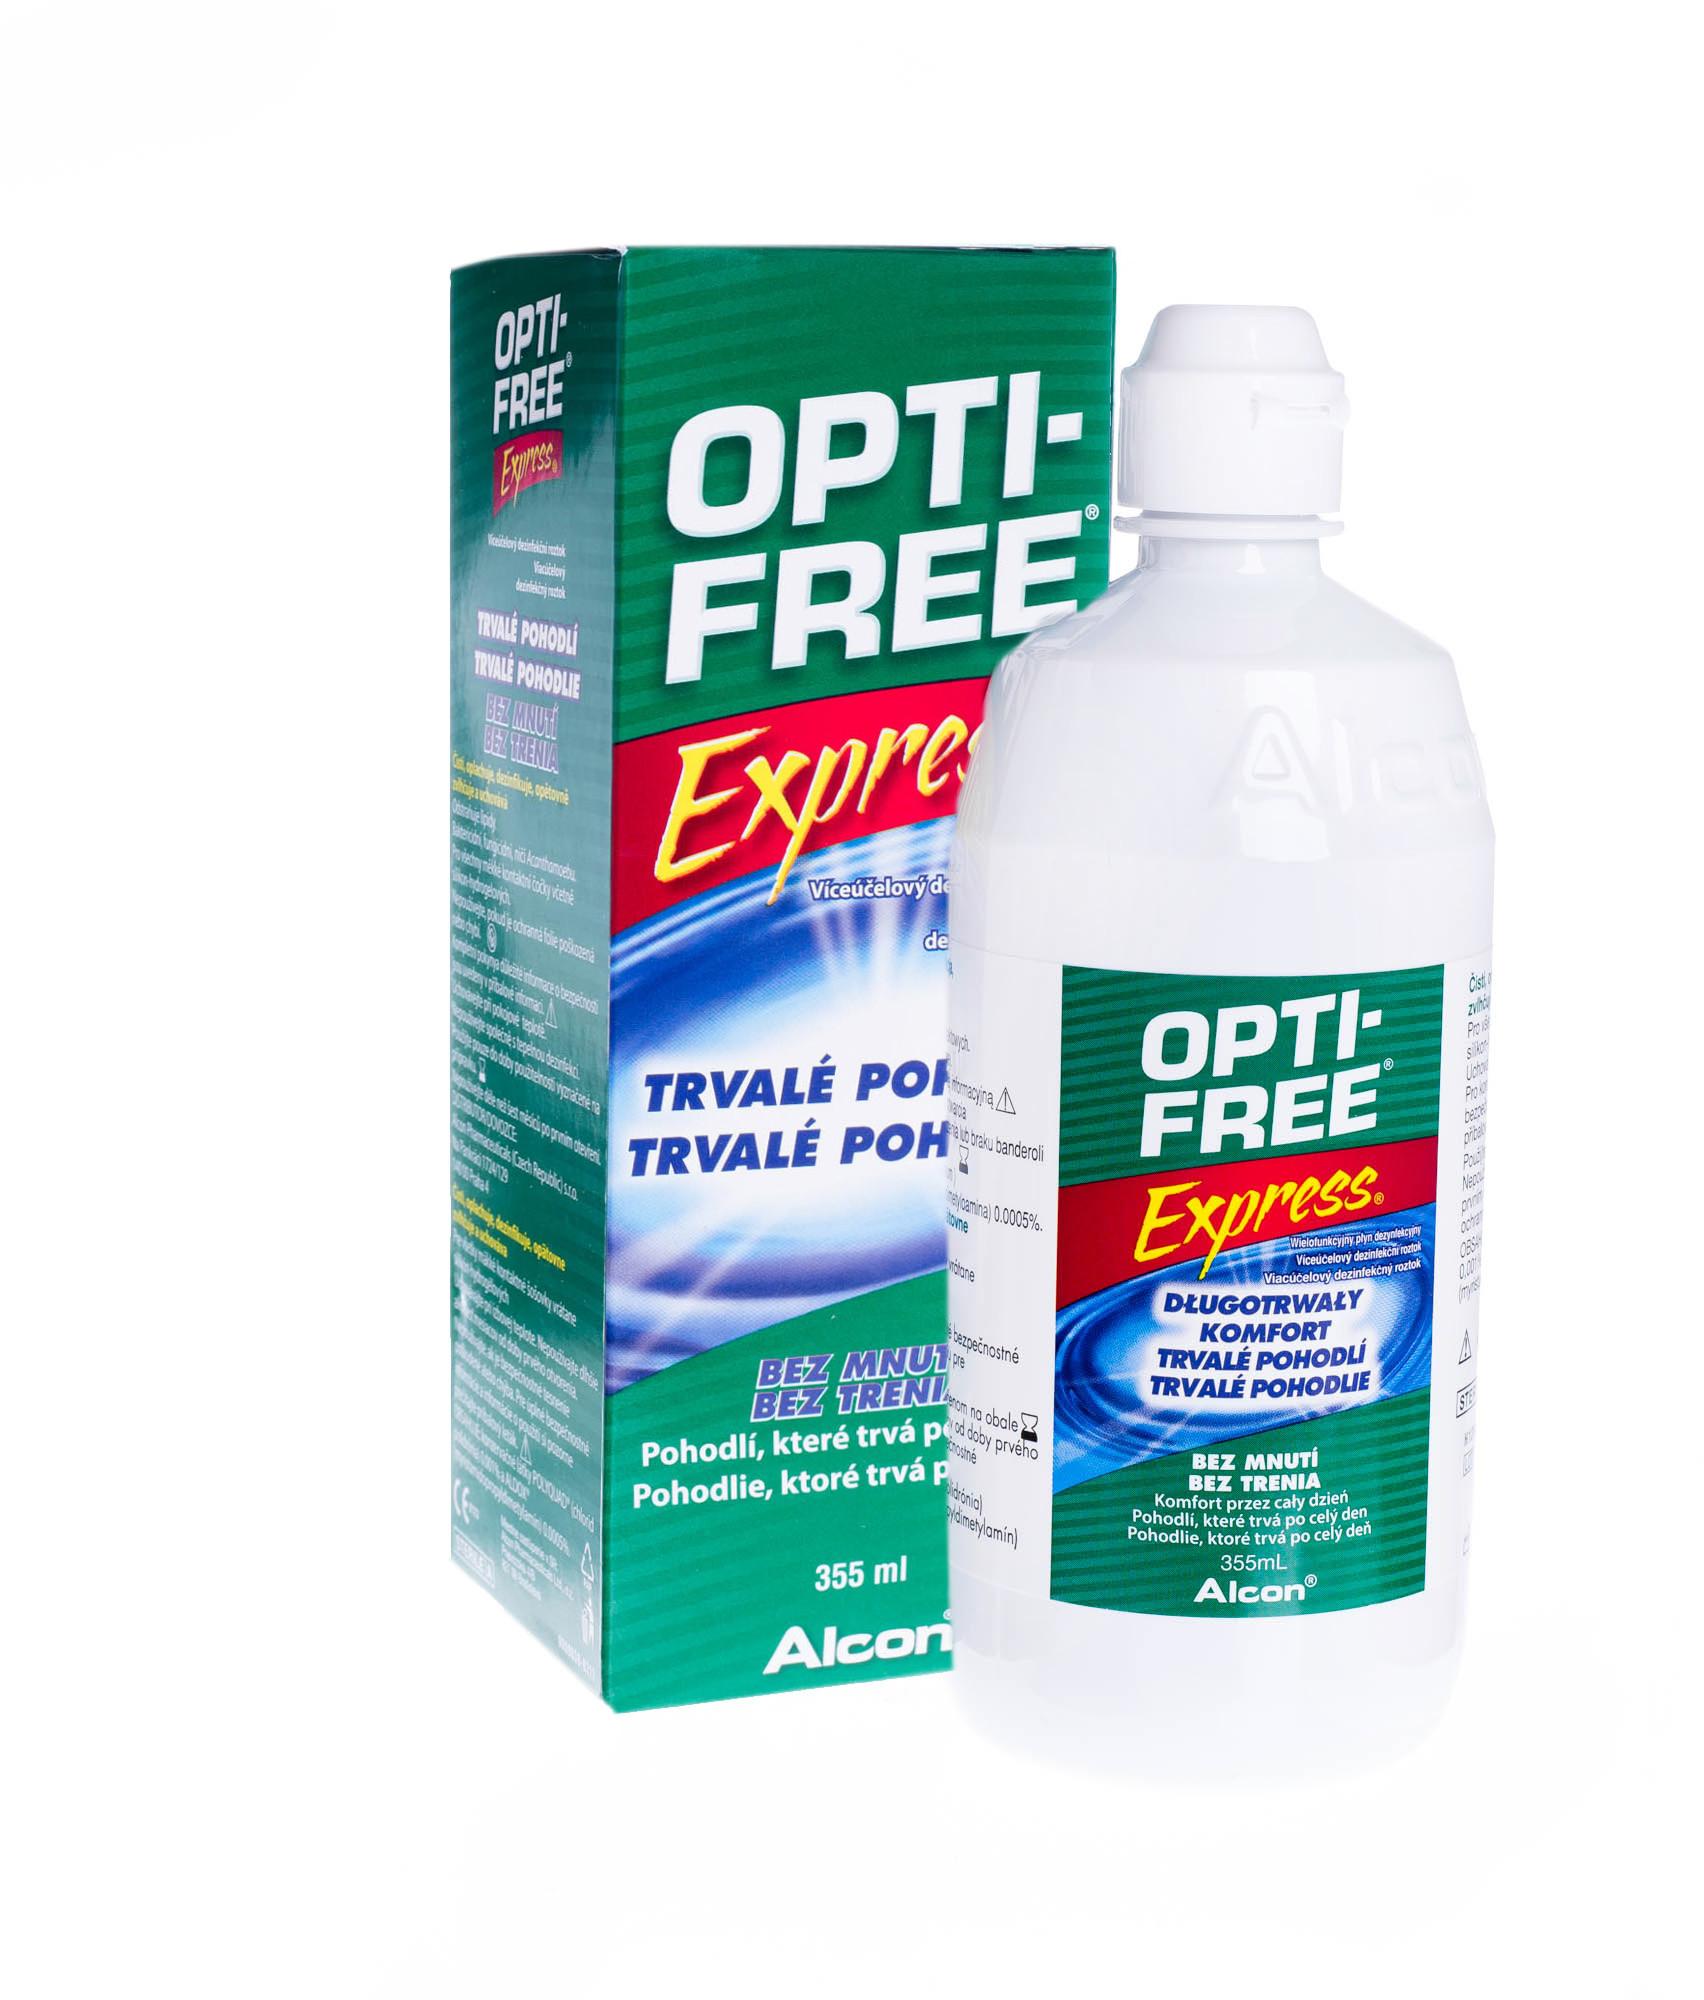 Alcon Opti-Free Express 355 ml